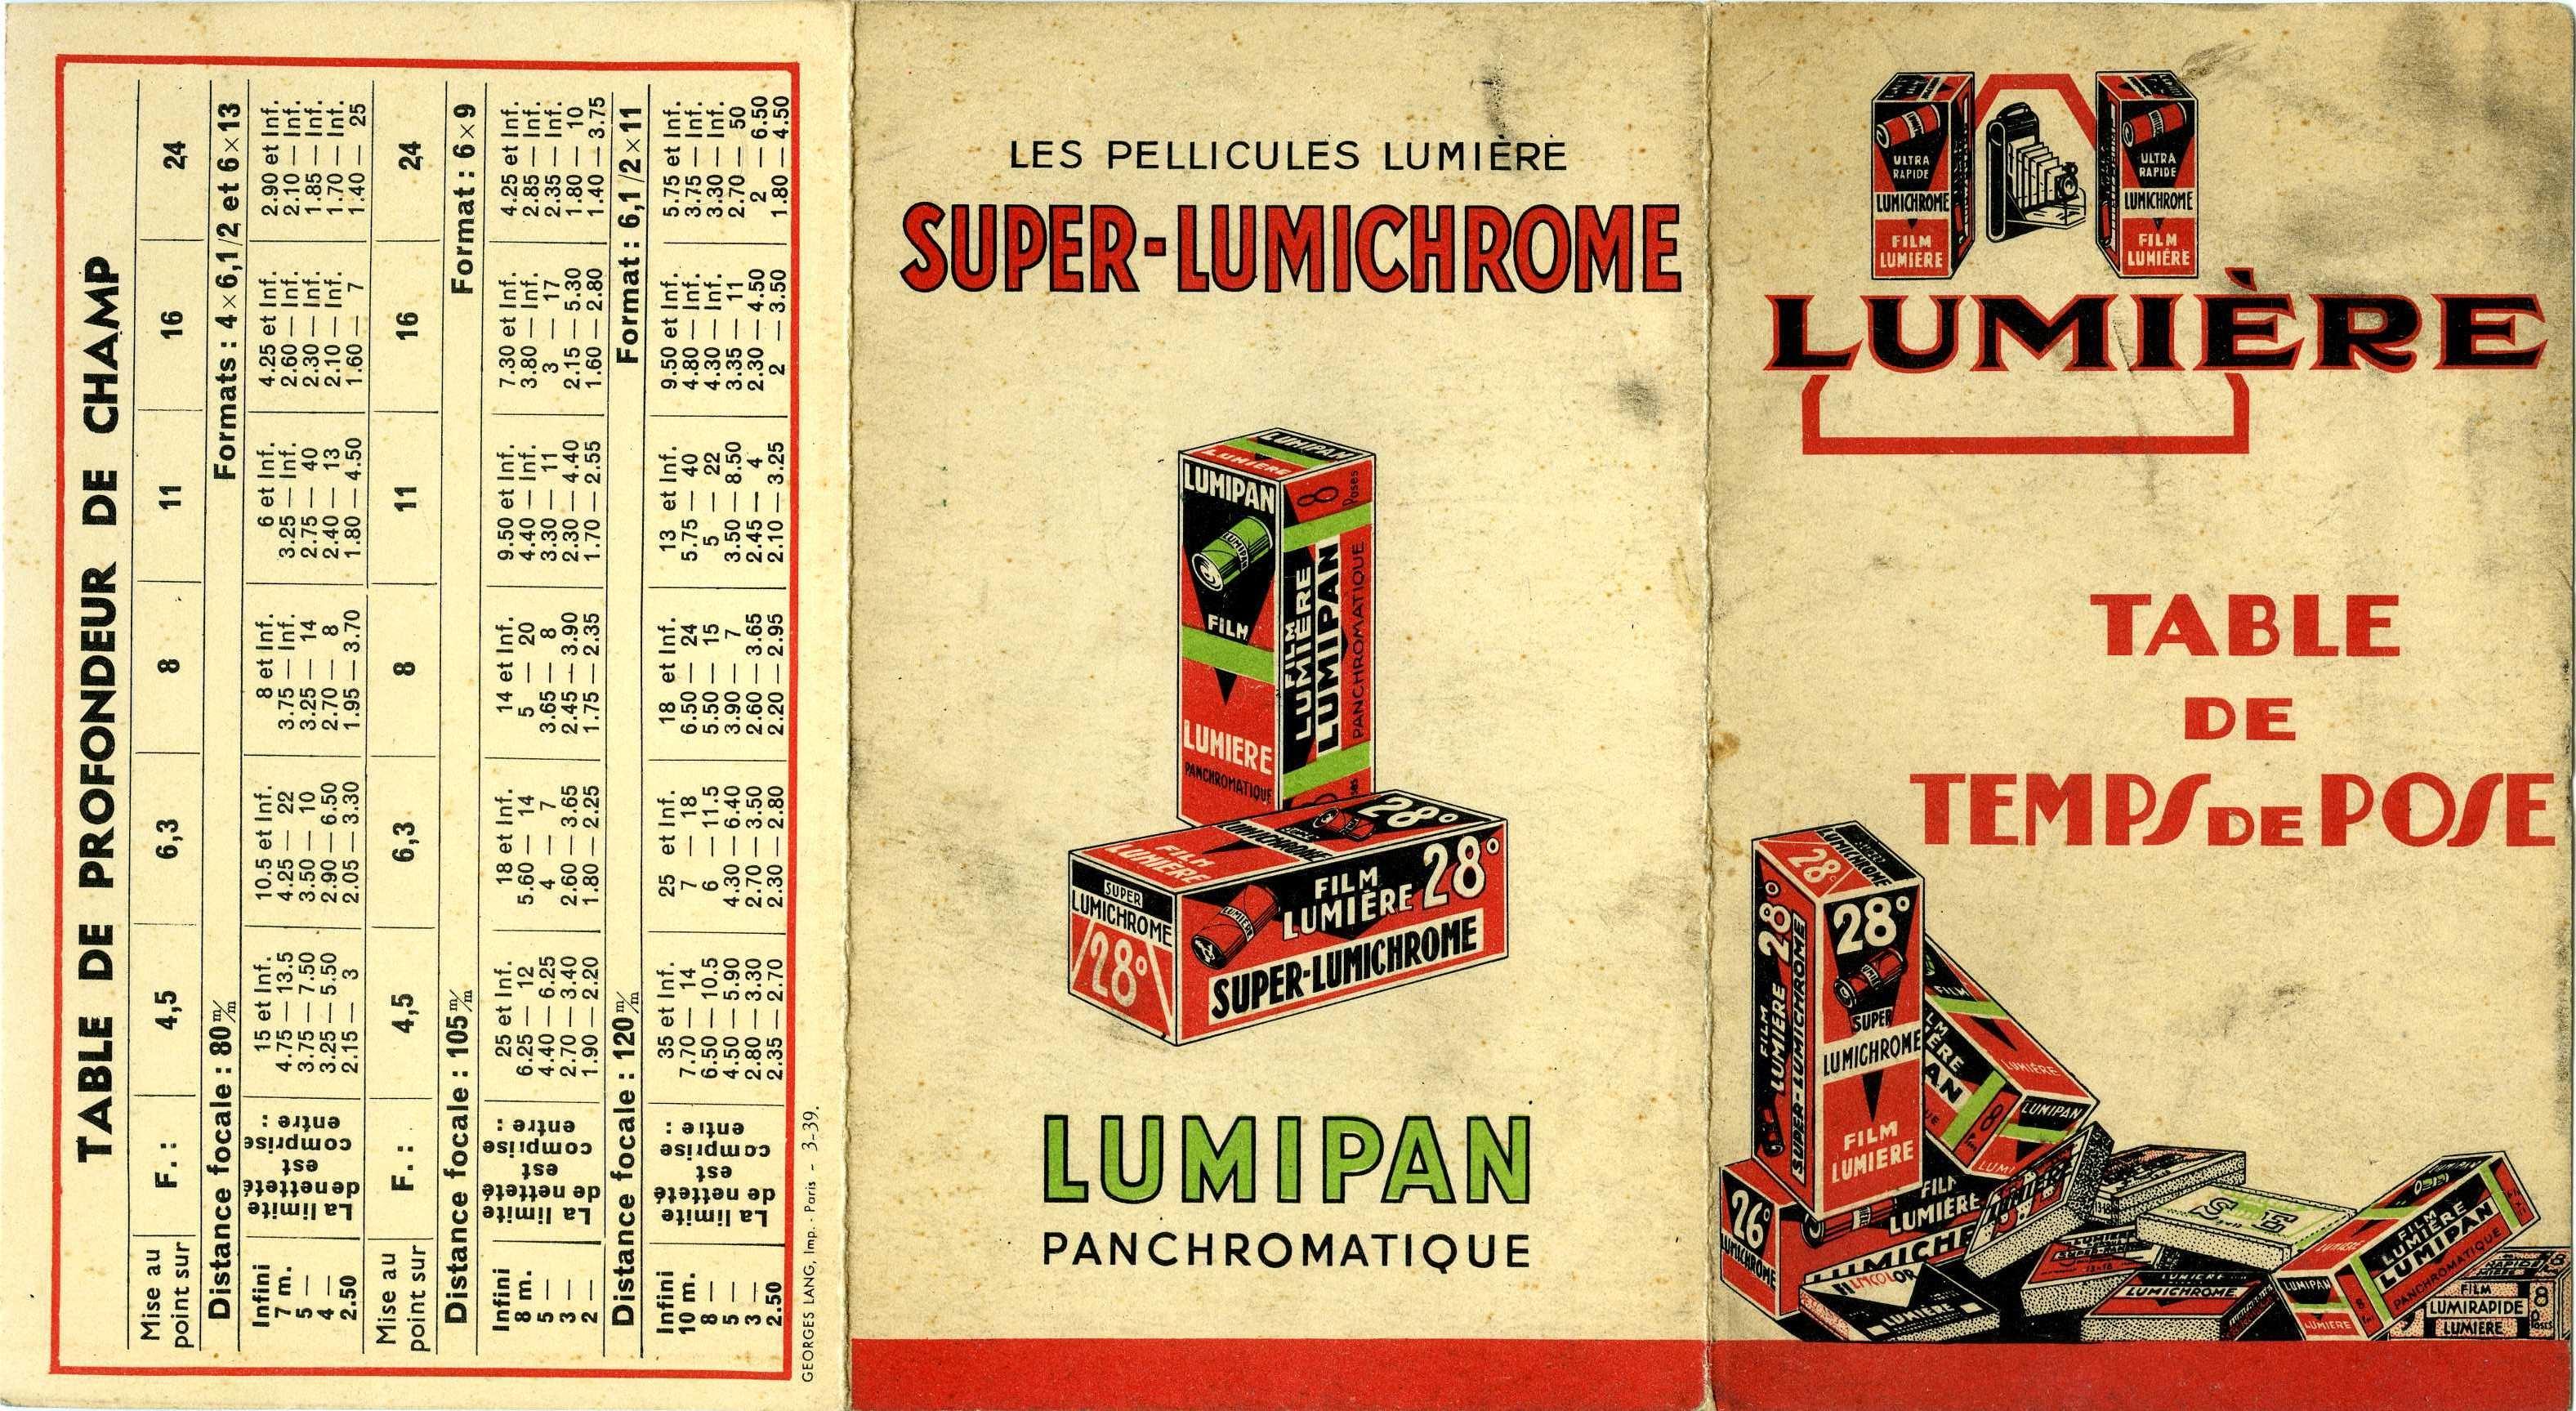 Lumière - Table de temps de pose Super-Lumichrome